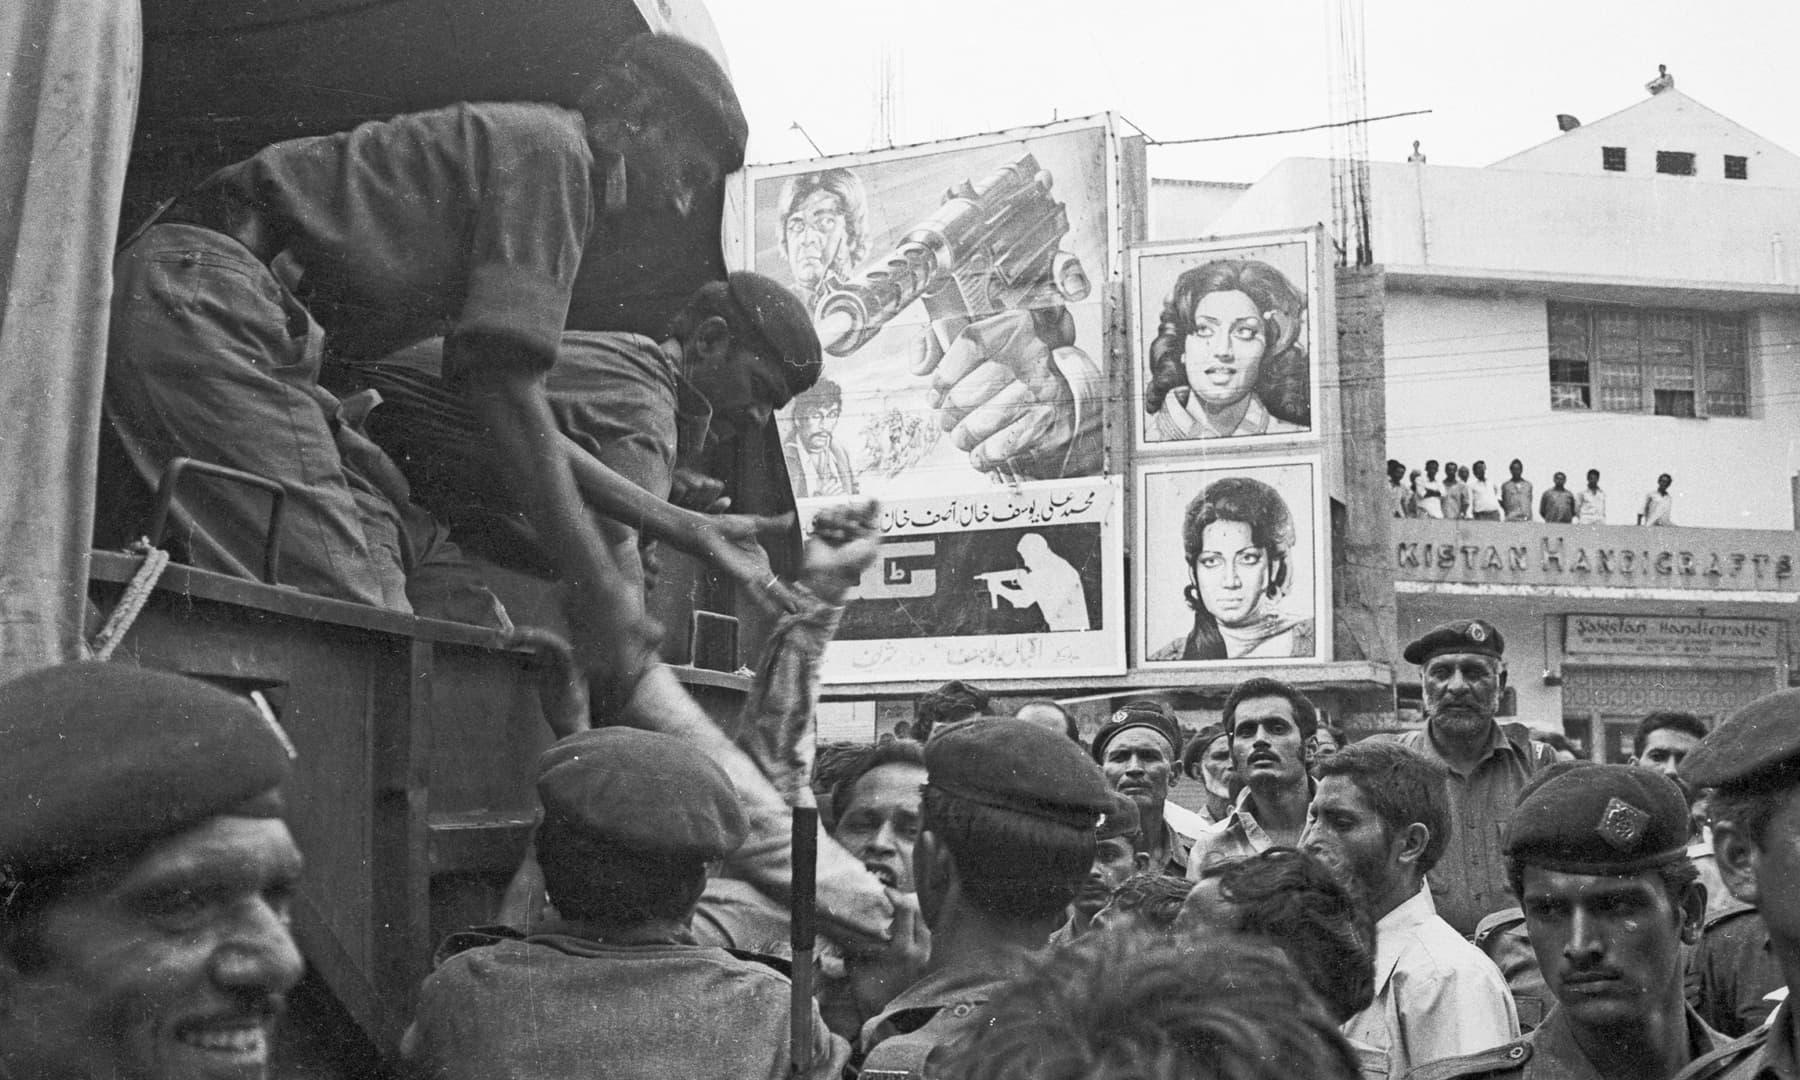 15 اگست 1978ء کو ریگل چوک پر فوجی آمر جنرل ضیا الحق کی جانب سے اخبارات اور صحافیوں کے خلاف کیے جانے والے بدترین کریک ڈاؤن کے خلاف پی ایف یو جے کی تاریخی تحریک کے دوران حسن سنگرامی و دیگر کو گرفتار کیا جا رہا ہے—سینئر فوٹوجرنلسٹ زاہد حسین